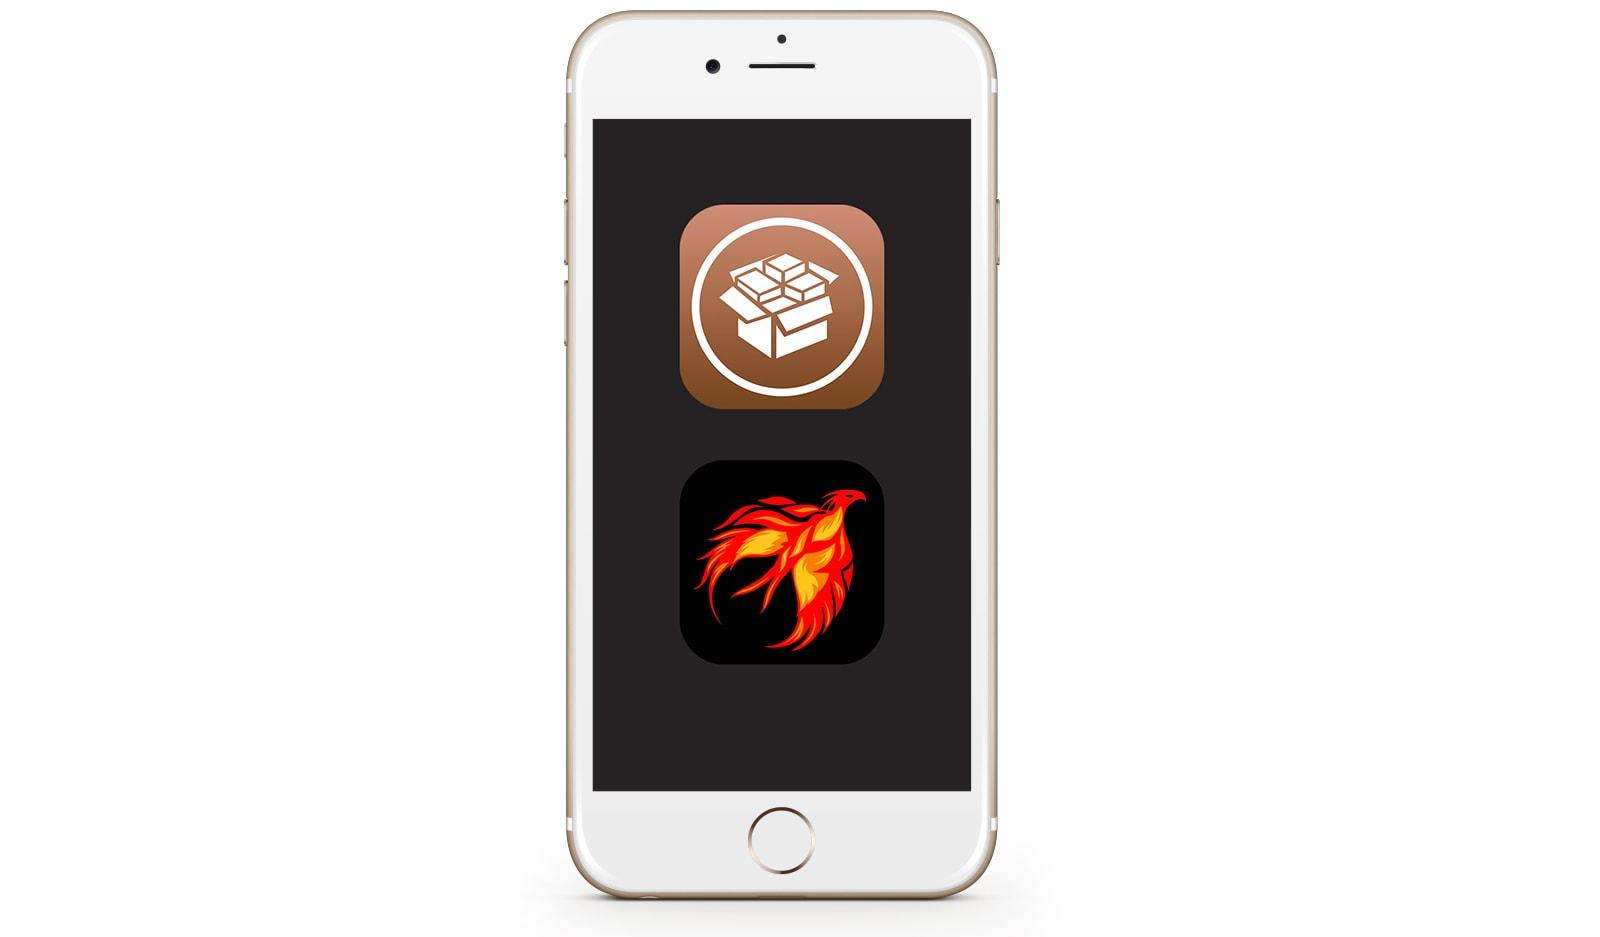 كيفية جلبريك iOS 9.3.5 بدون كومبيوتر